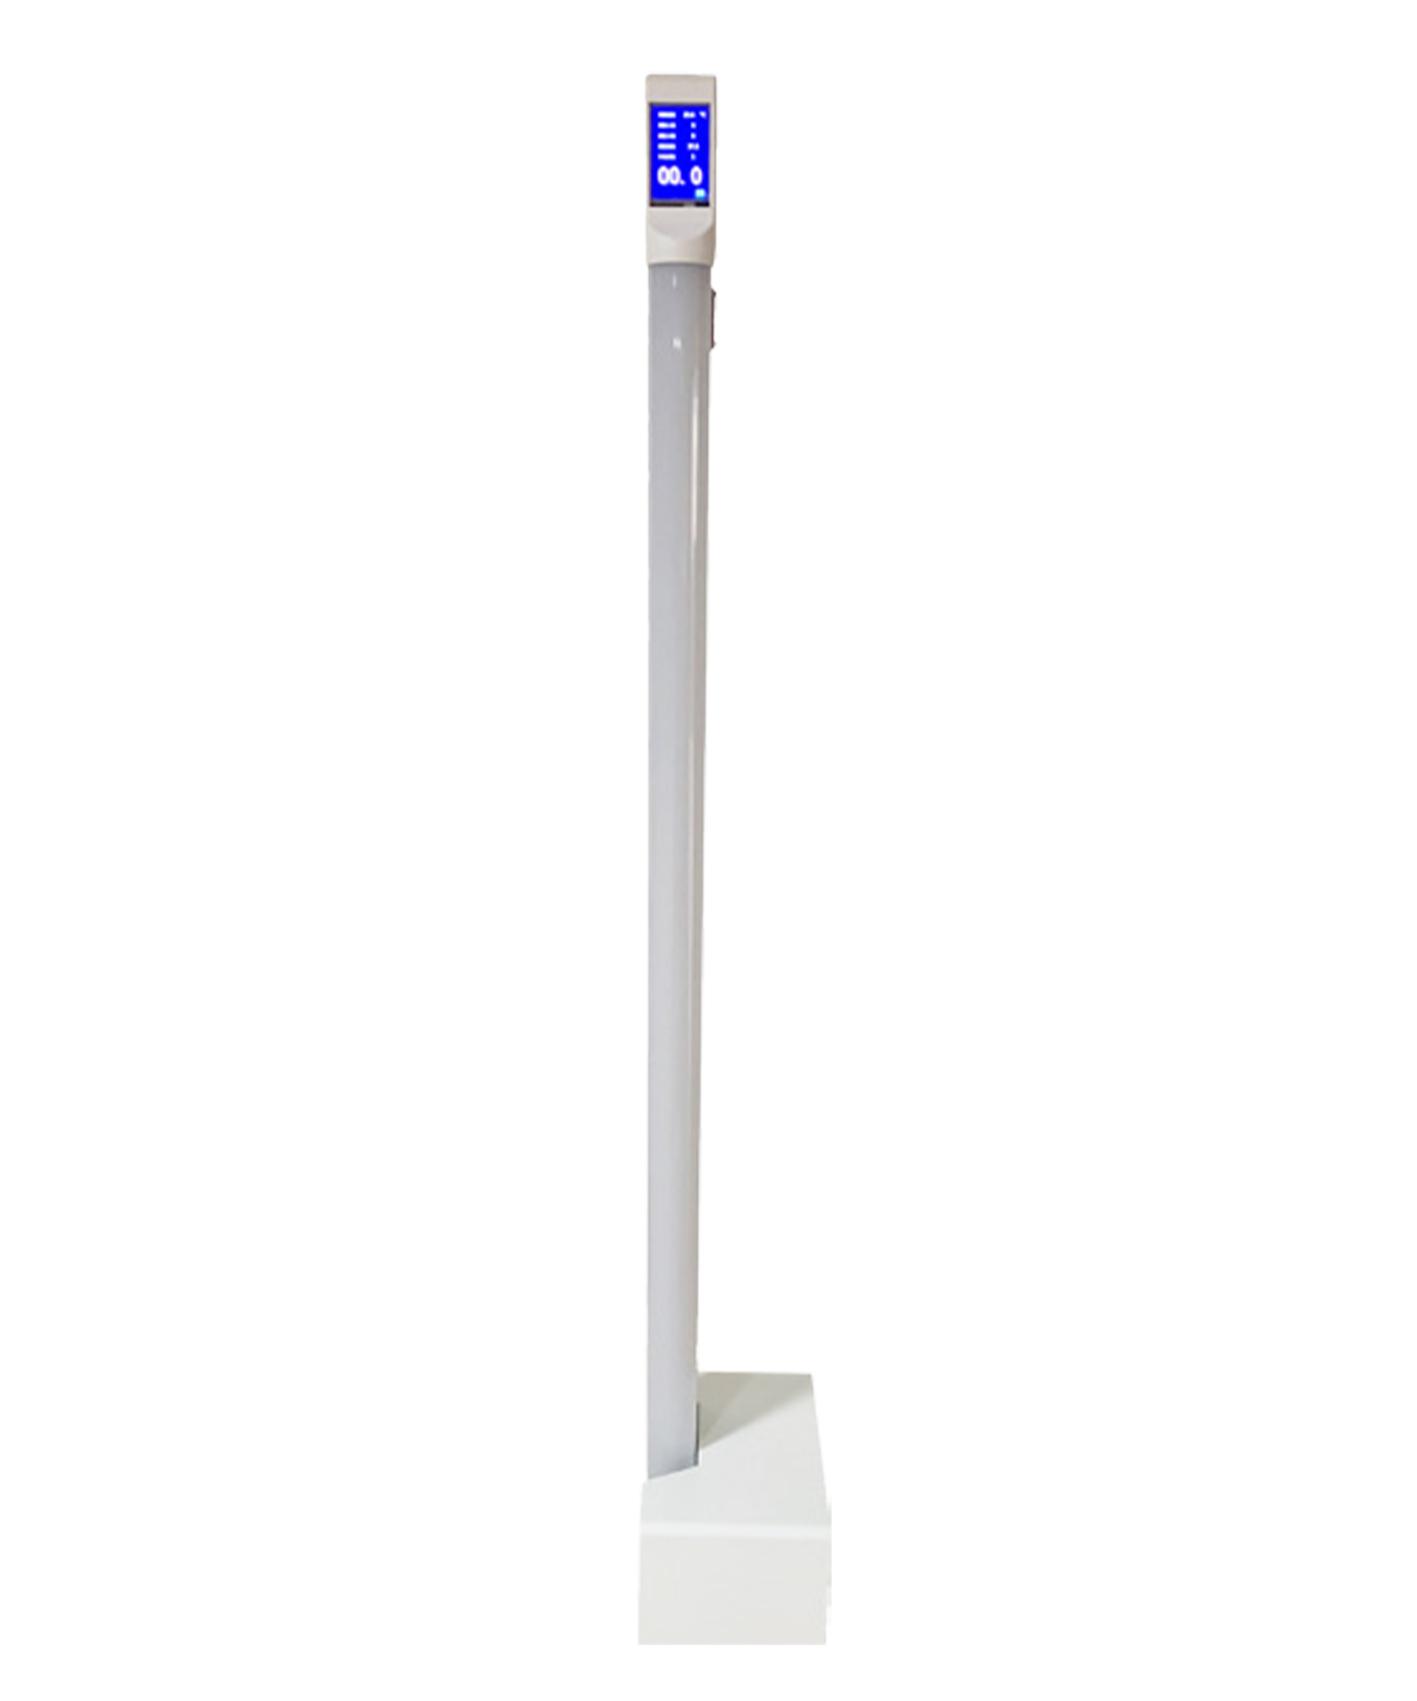 Zutrittskontrolle, Einlasskontrolle ZK-TD100 Zugangskontrollkörper Temperaturkontrollpunkt